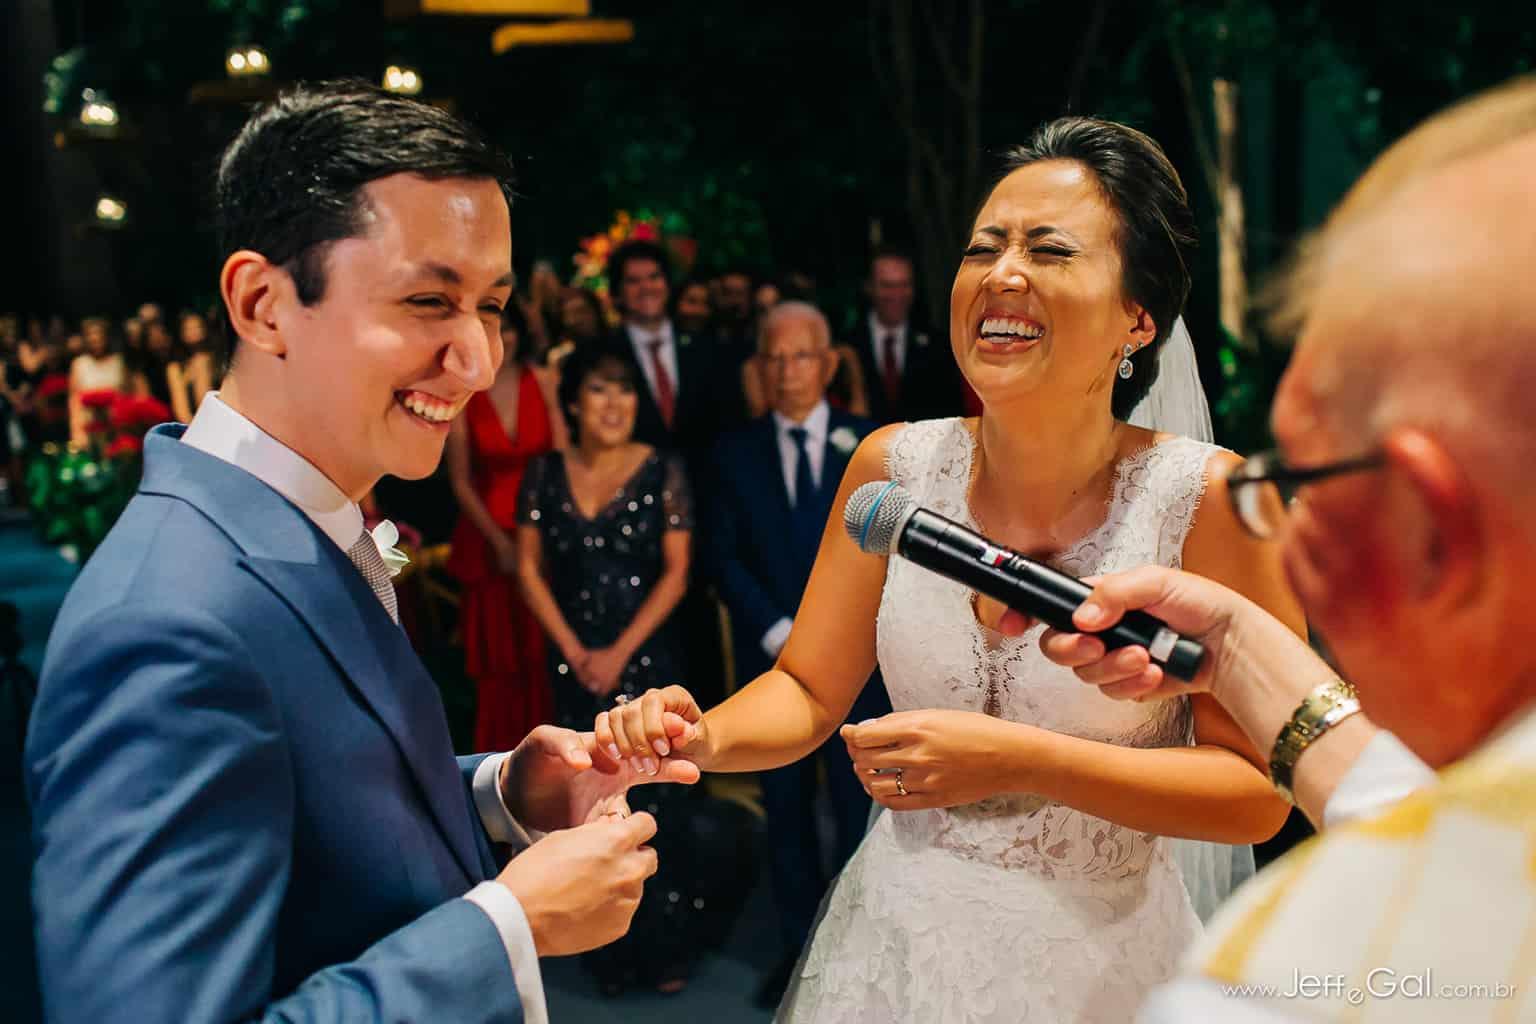 casamento-Beth-e-Daniel-cerimonia42